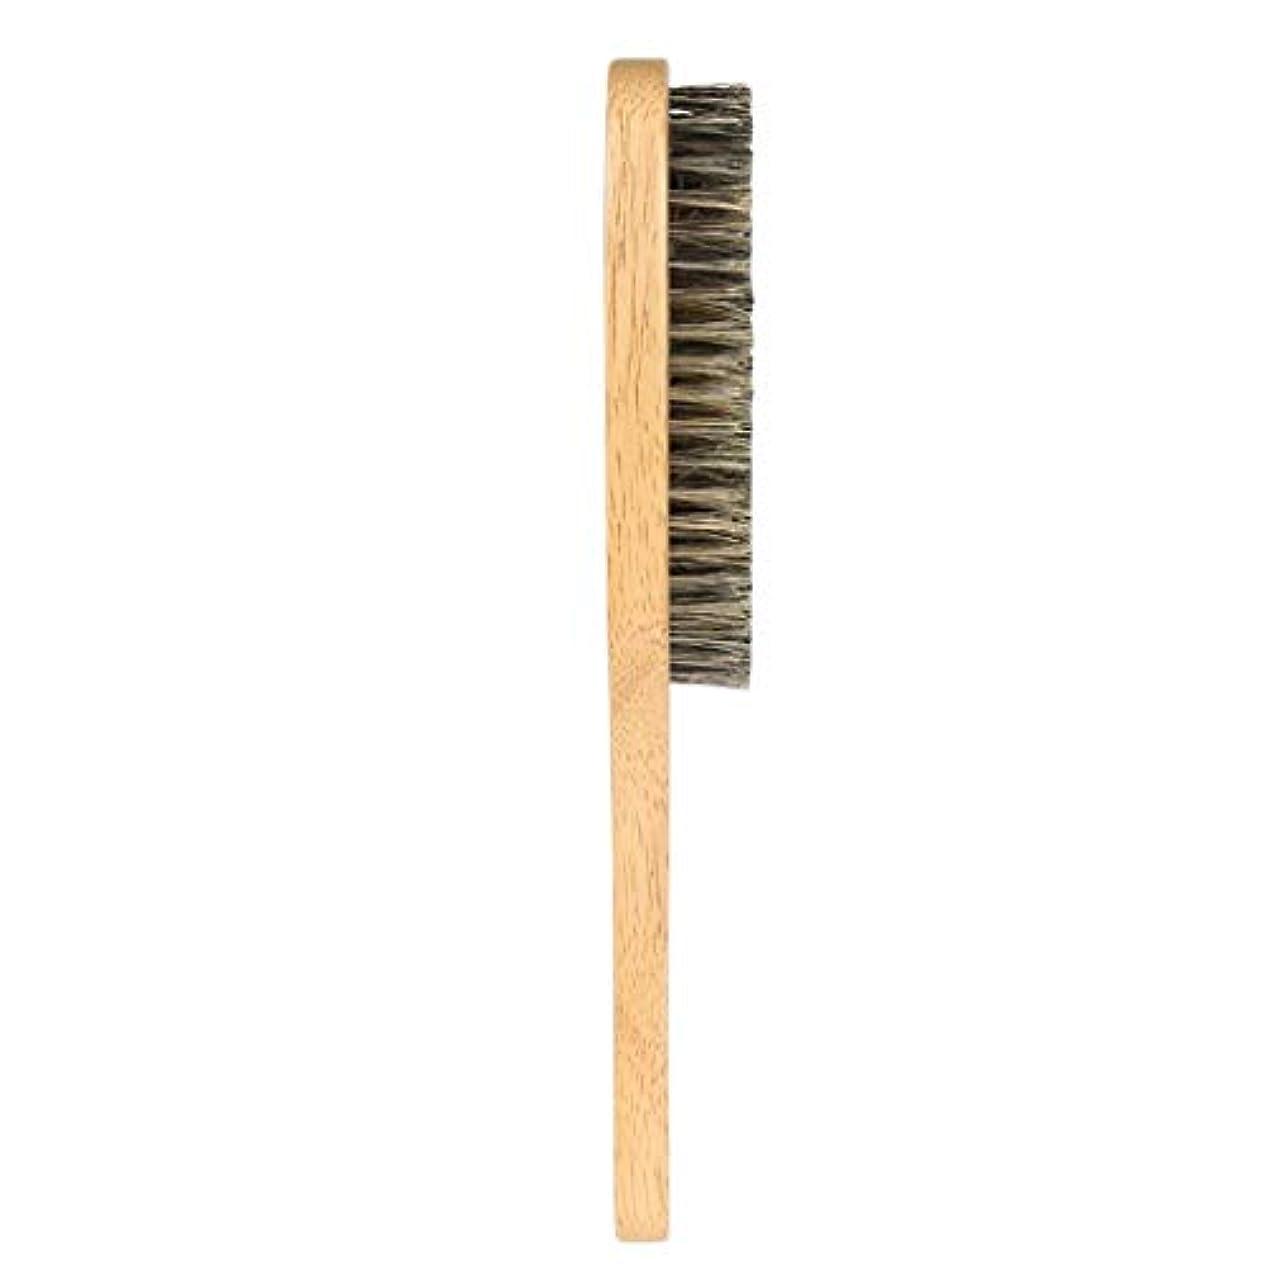 威する予感仕立て屋Toygogo 男性合成繊維ひげ口ひげブラシ顔毛シェービングブラシw/ハンドル